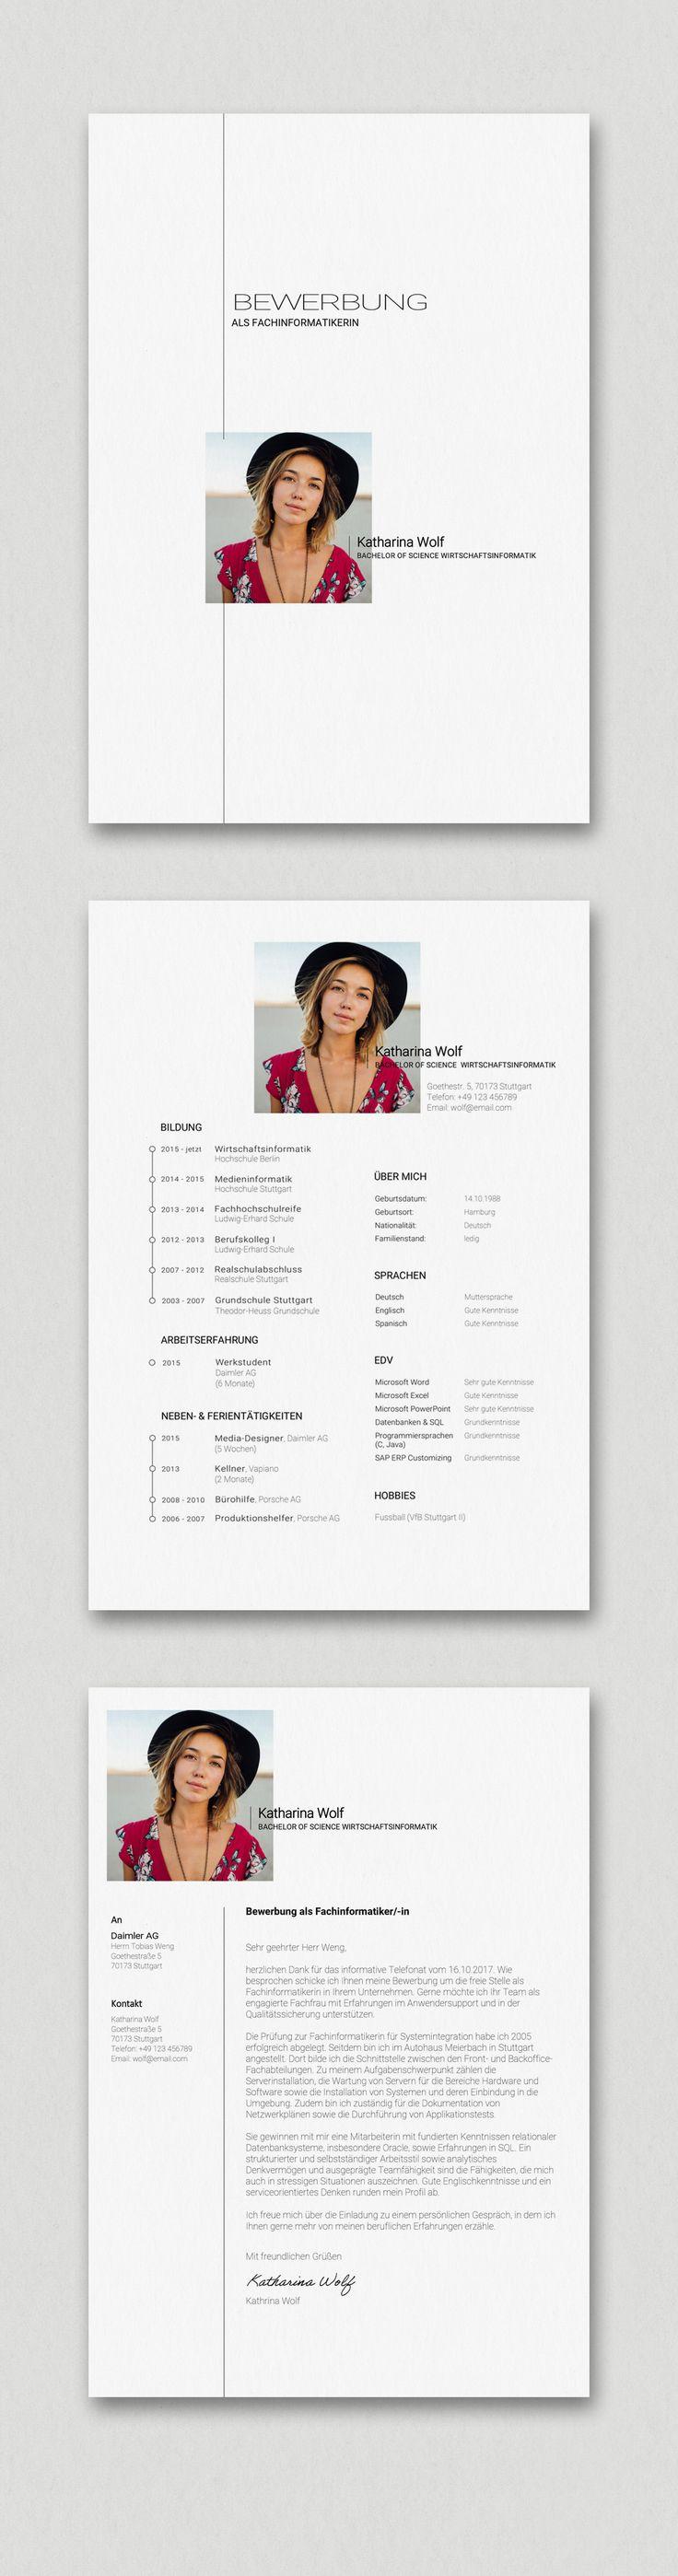 """Etwas schlichter aber dennoch hochwertig und besonders. Unsere Bewerbungsvorlage Katharina Wolf eignet sich durchweg für alle Bereiche. Hier wurde extra auf """"schlichte Kreativität"""" acht genommen. Die kostenlose Google Schriftart Roboto kommuniziert Eleganz und Seriösität. Das Bewerbungspaket enthält Deckblatt (Cover Sheet), Anschreiben (Resume) und Lebenslauf (CV) im Corporate Design. Einfach die beiligenden Schriftarten (Fonts) installieren, die Datei in Microsoft Word öffnen und bearbeiten."""